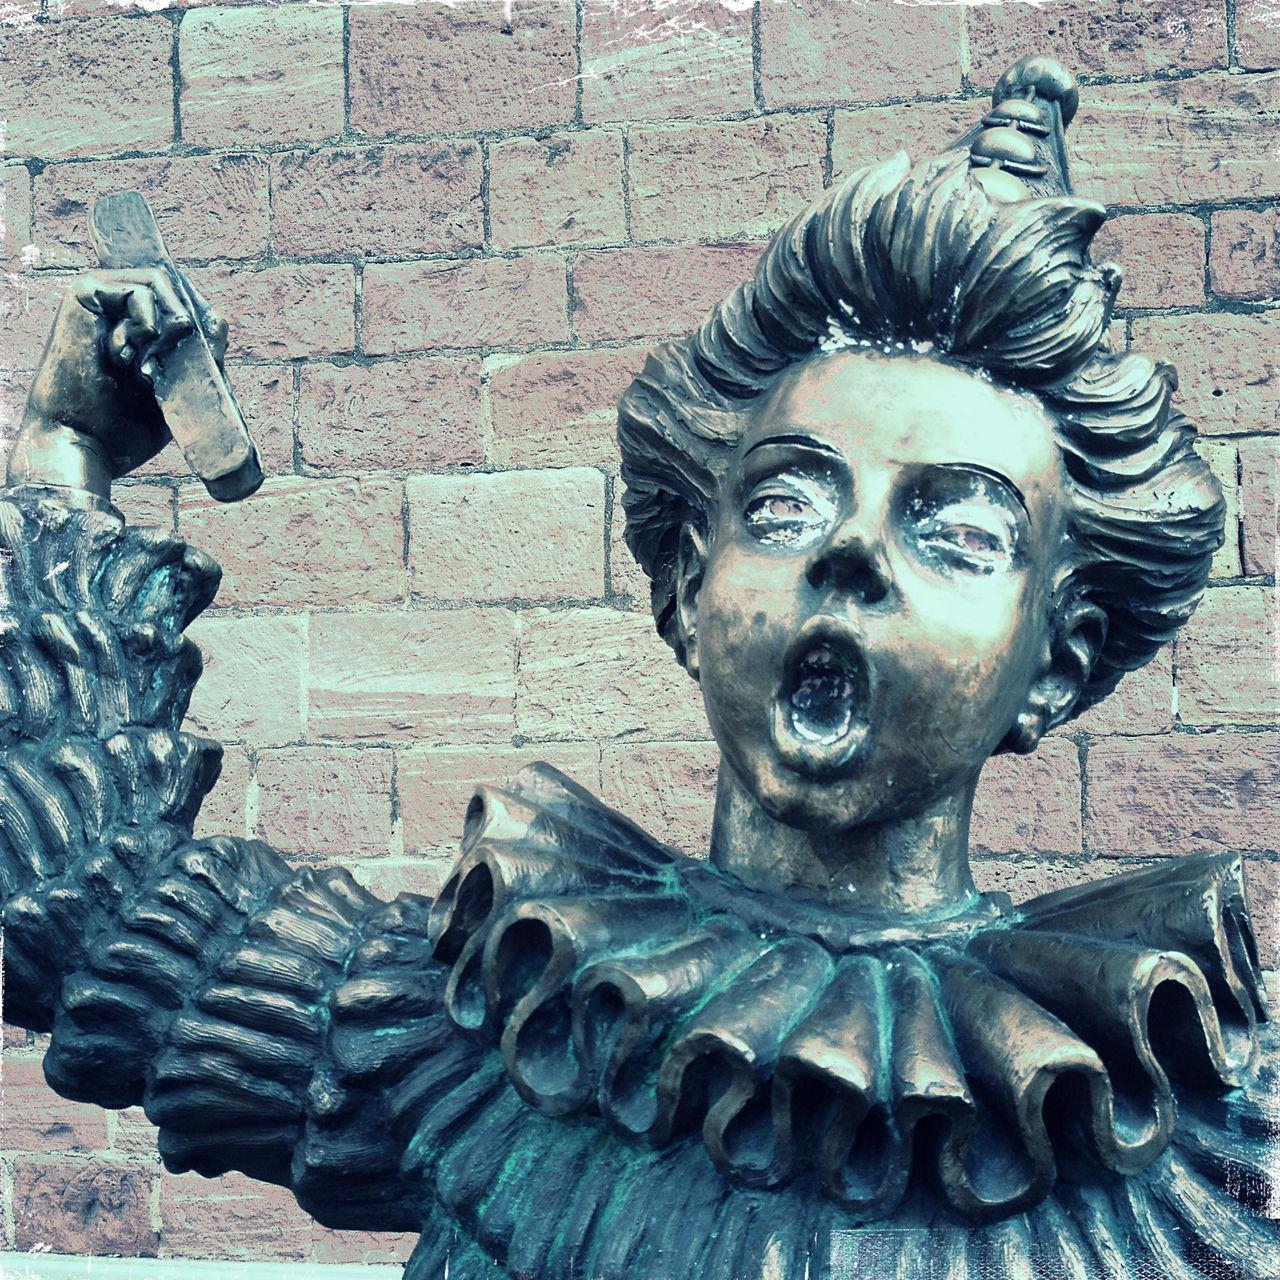 Oberkörper und Kopf einer Skulptur mit wallendem Gewand und gewelltem, großem Kragen vor eine blass-lila-braunen Sandsteinwand. Der Jüngling scheint laut zu singen, hat den Mund zum O geformt und reckt seinen rechten Arm.